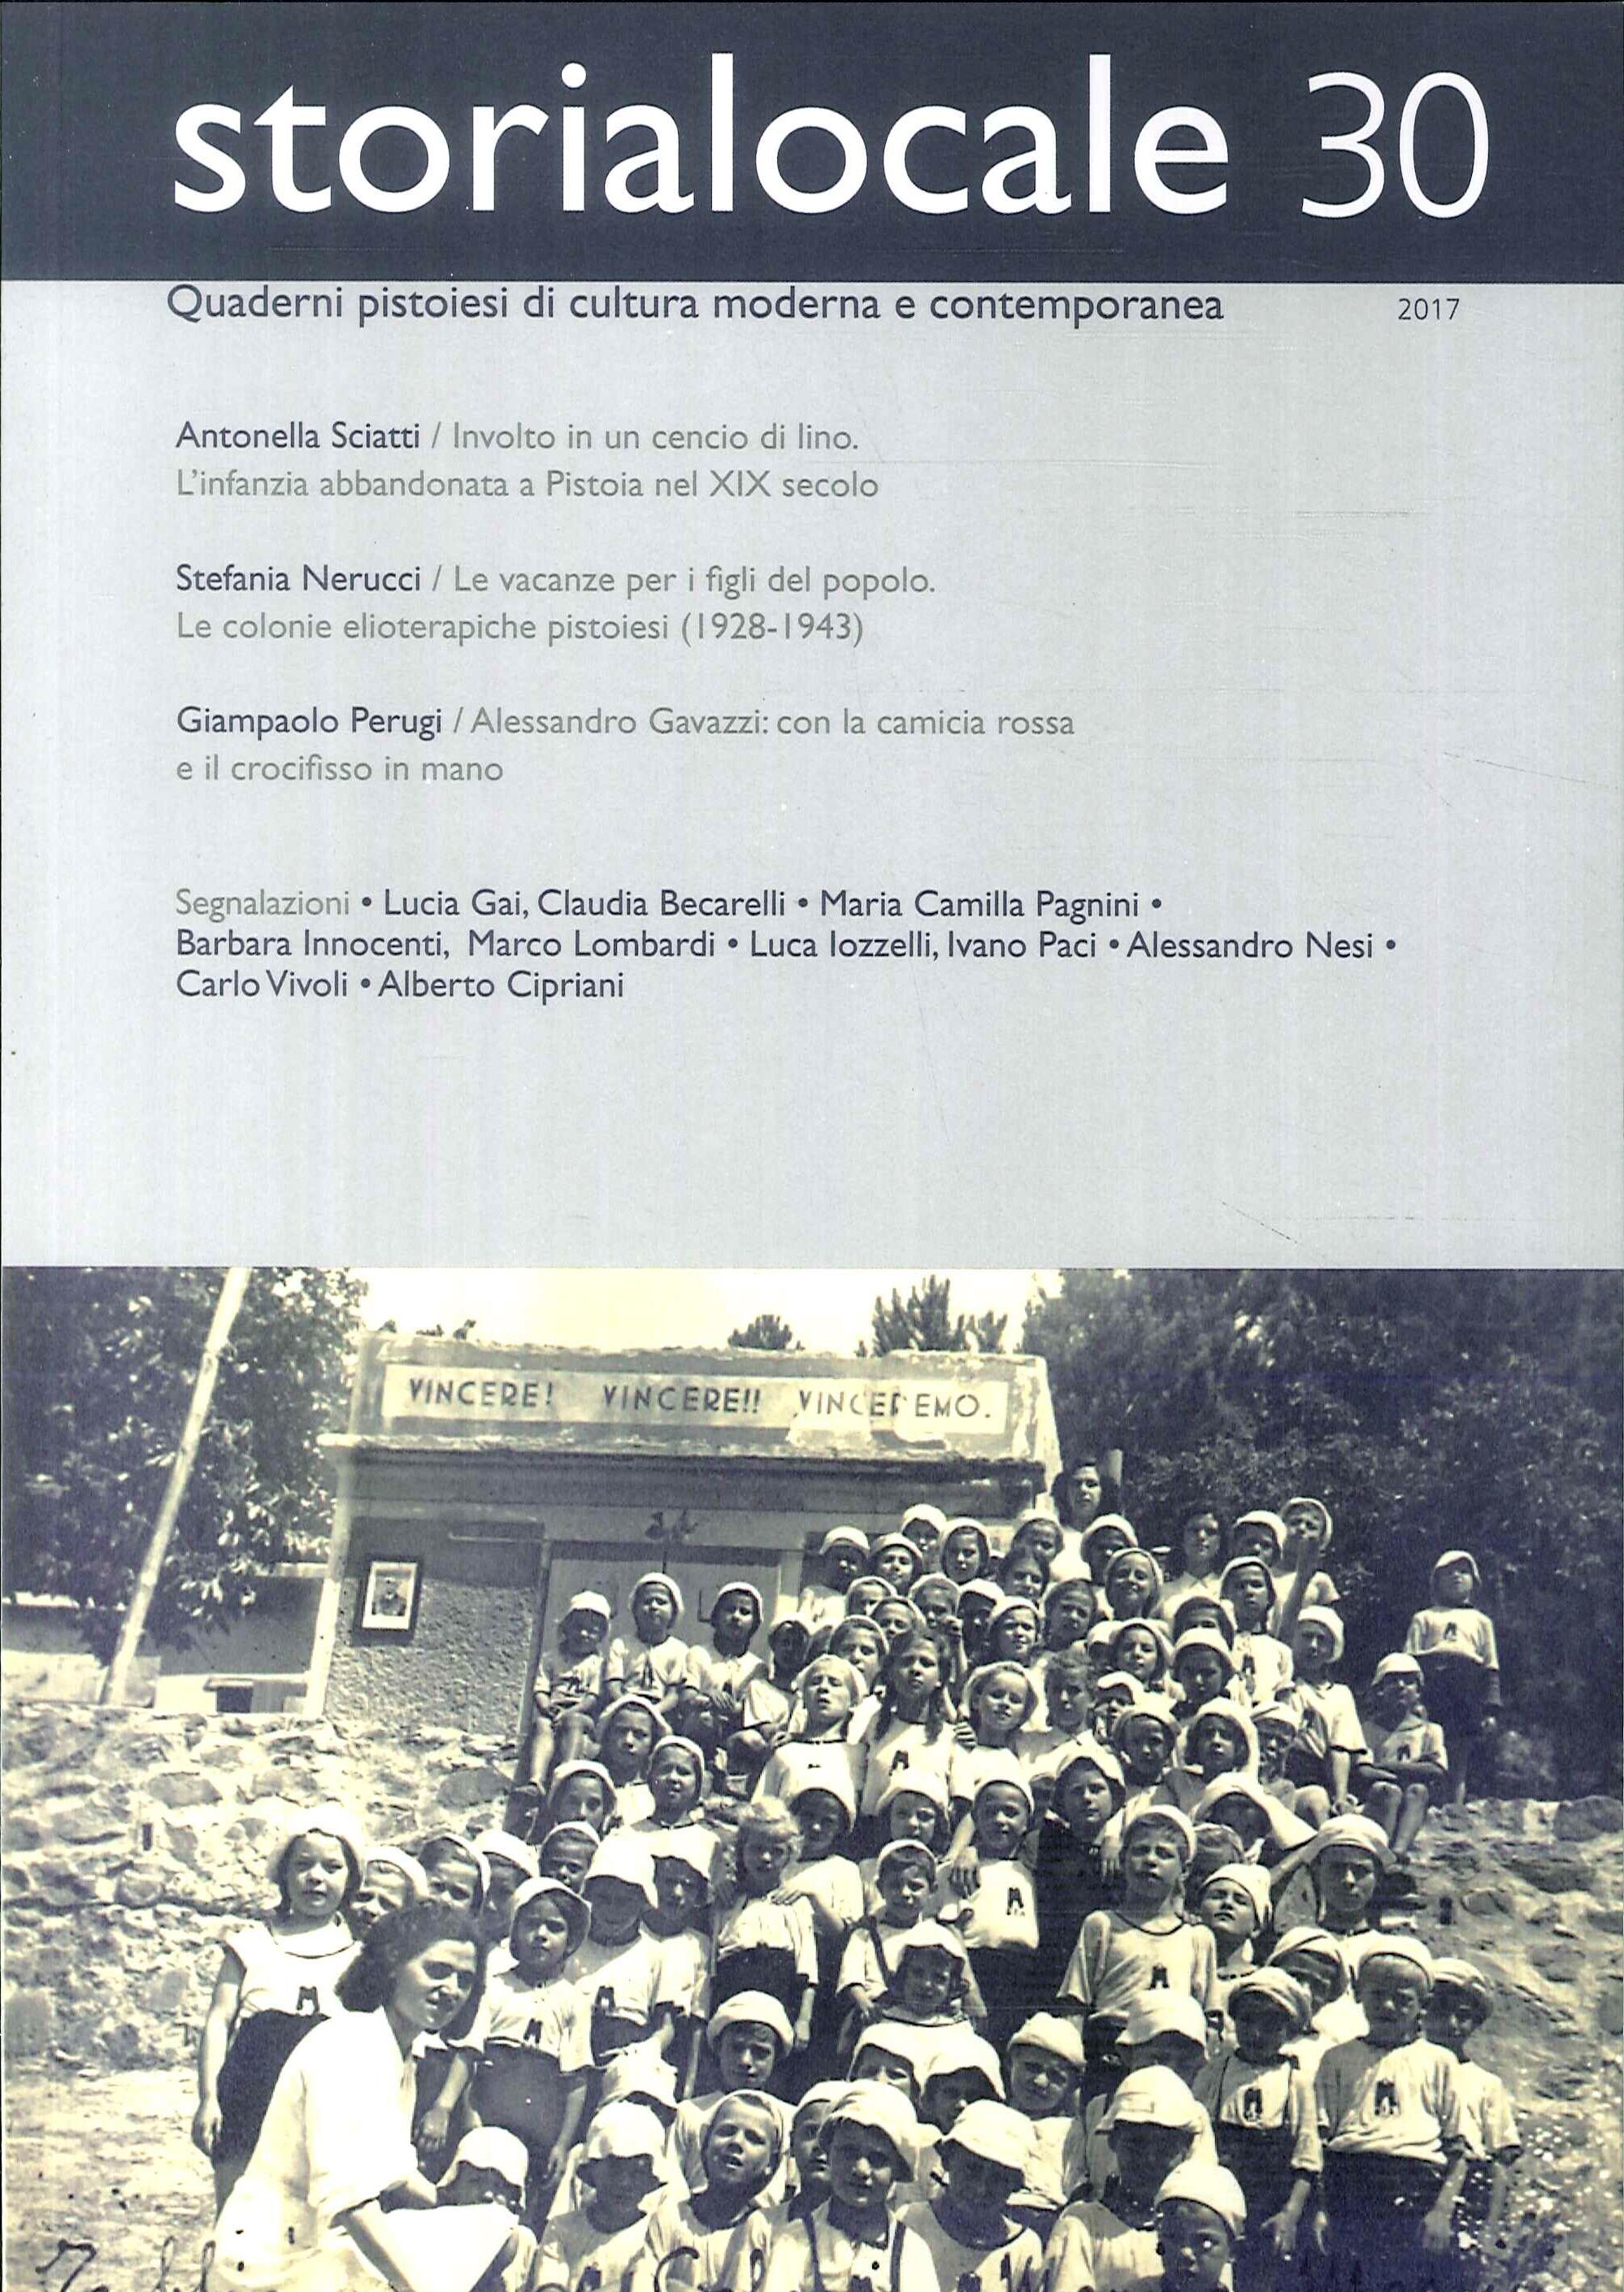 Storialocale. Quaderni pistoiesi di cultura moderna e contemporanea. Vol. 30